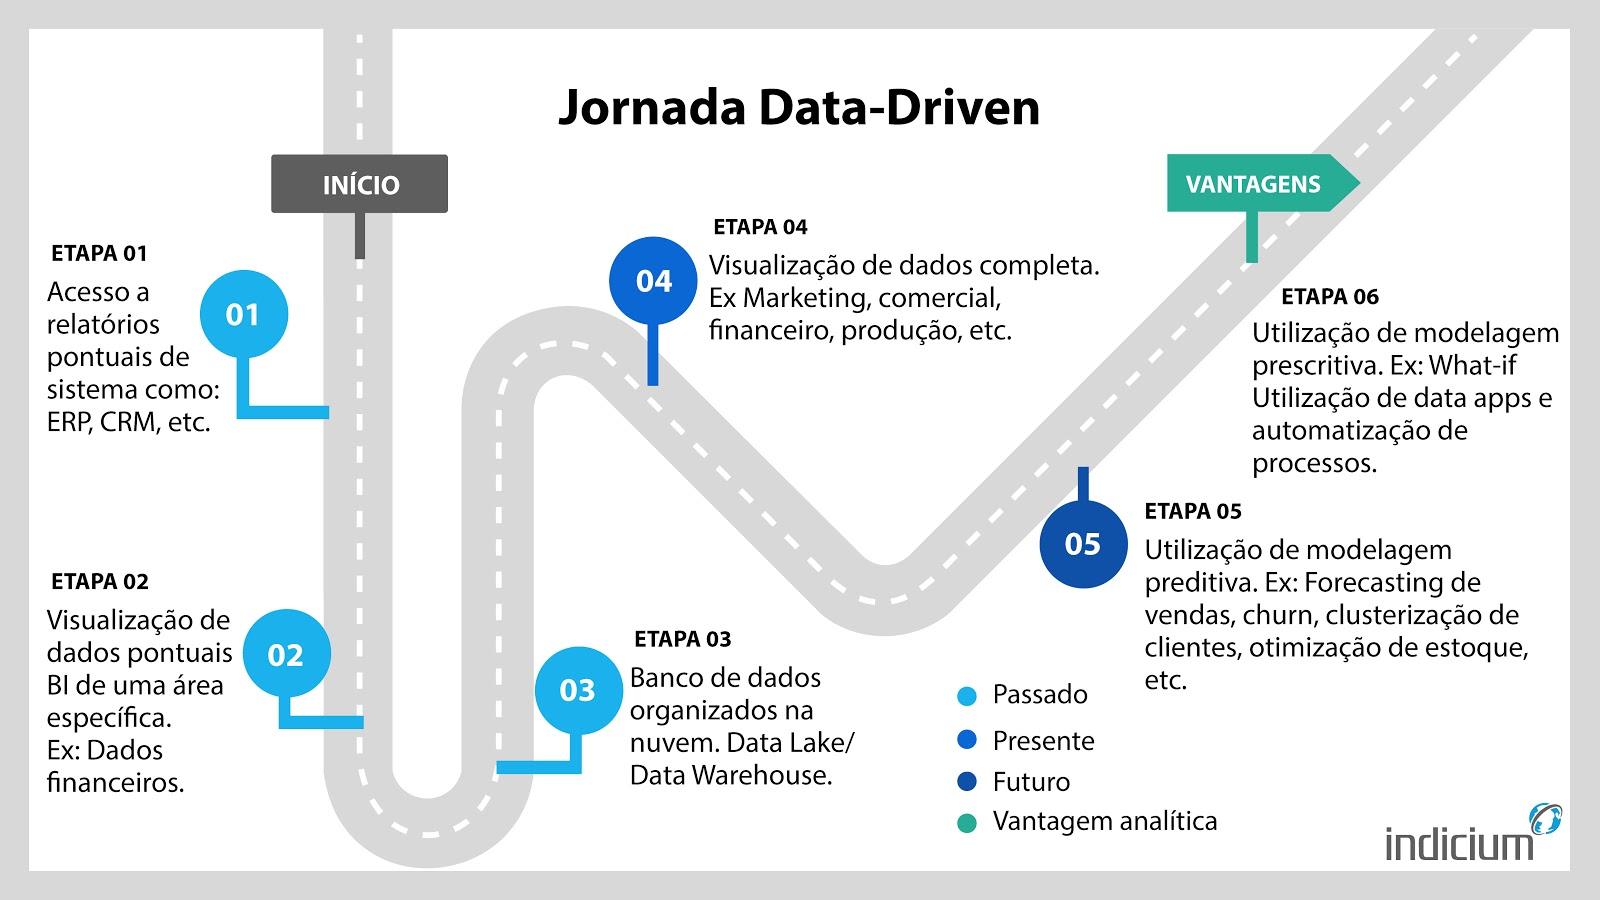 As 6 etapas da jornada data-driven representadas em um mapa de uma estrada.